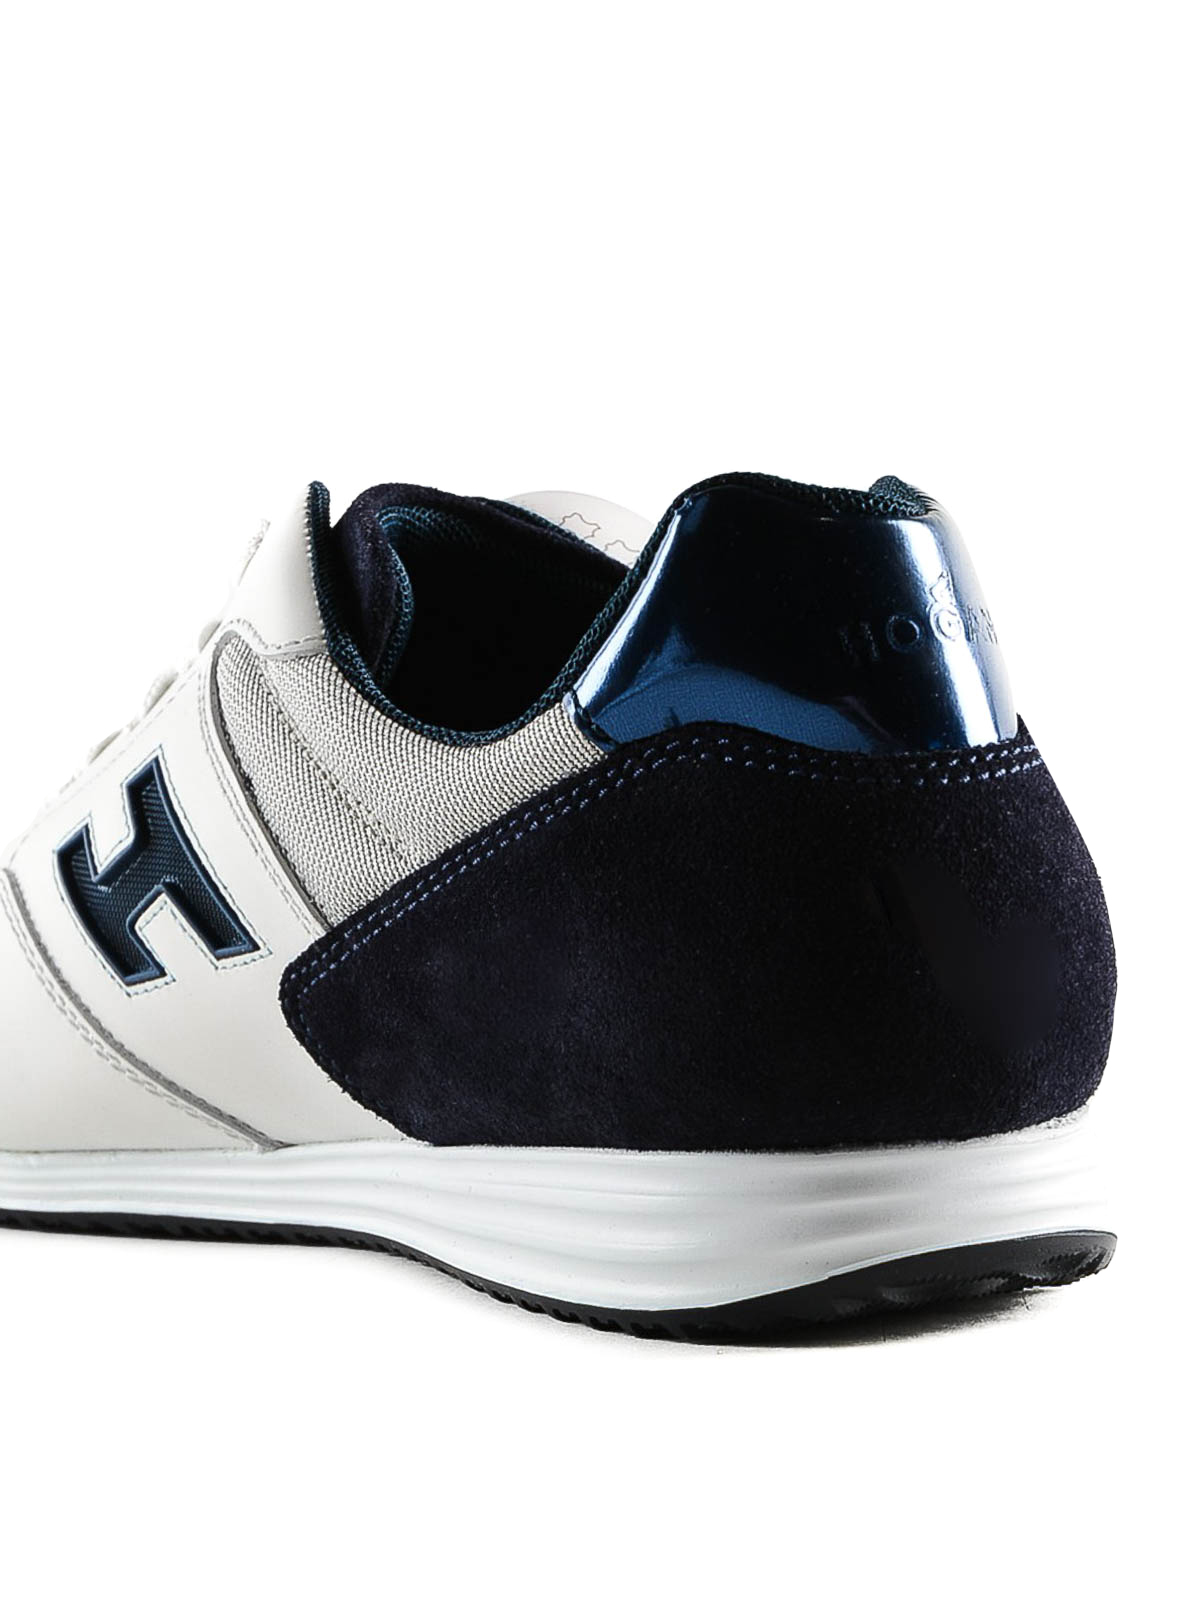 Sneakers Hogan - Sneaker Olympia X blu e bianca in pelle ...